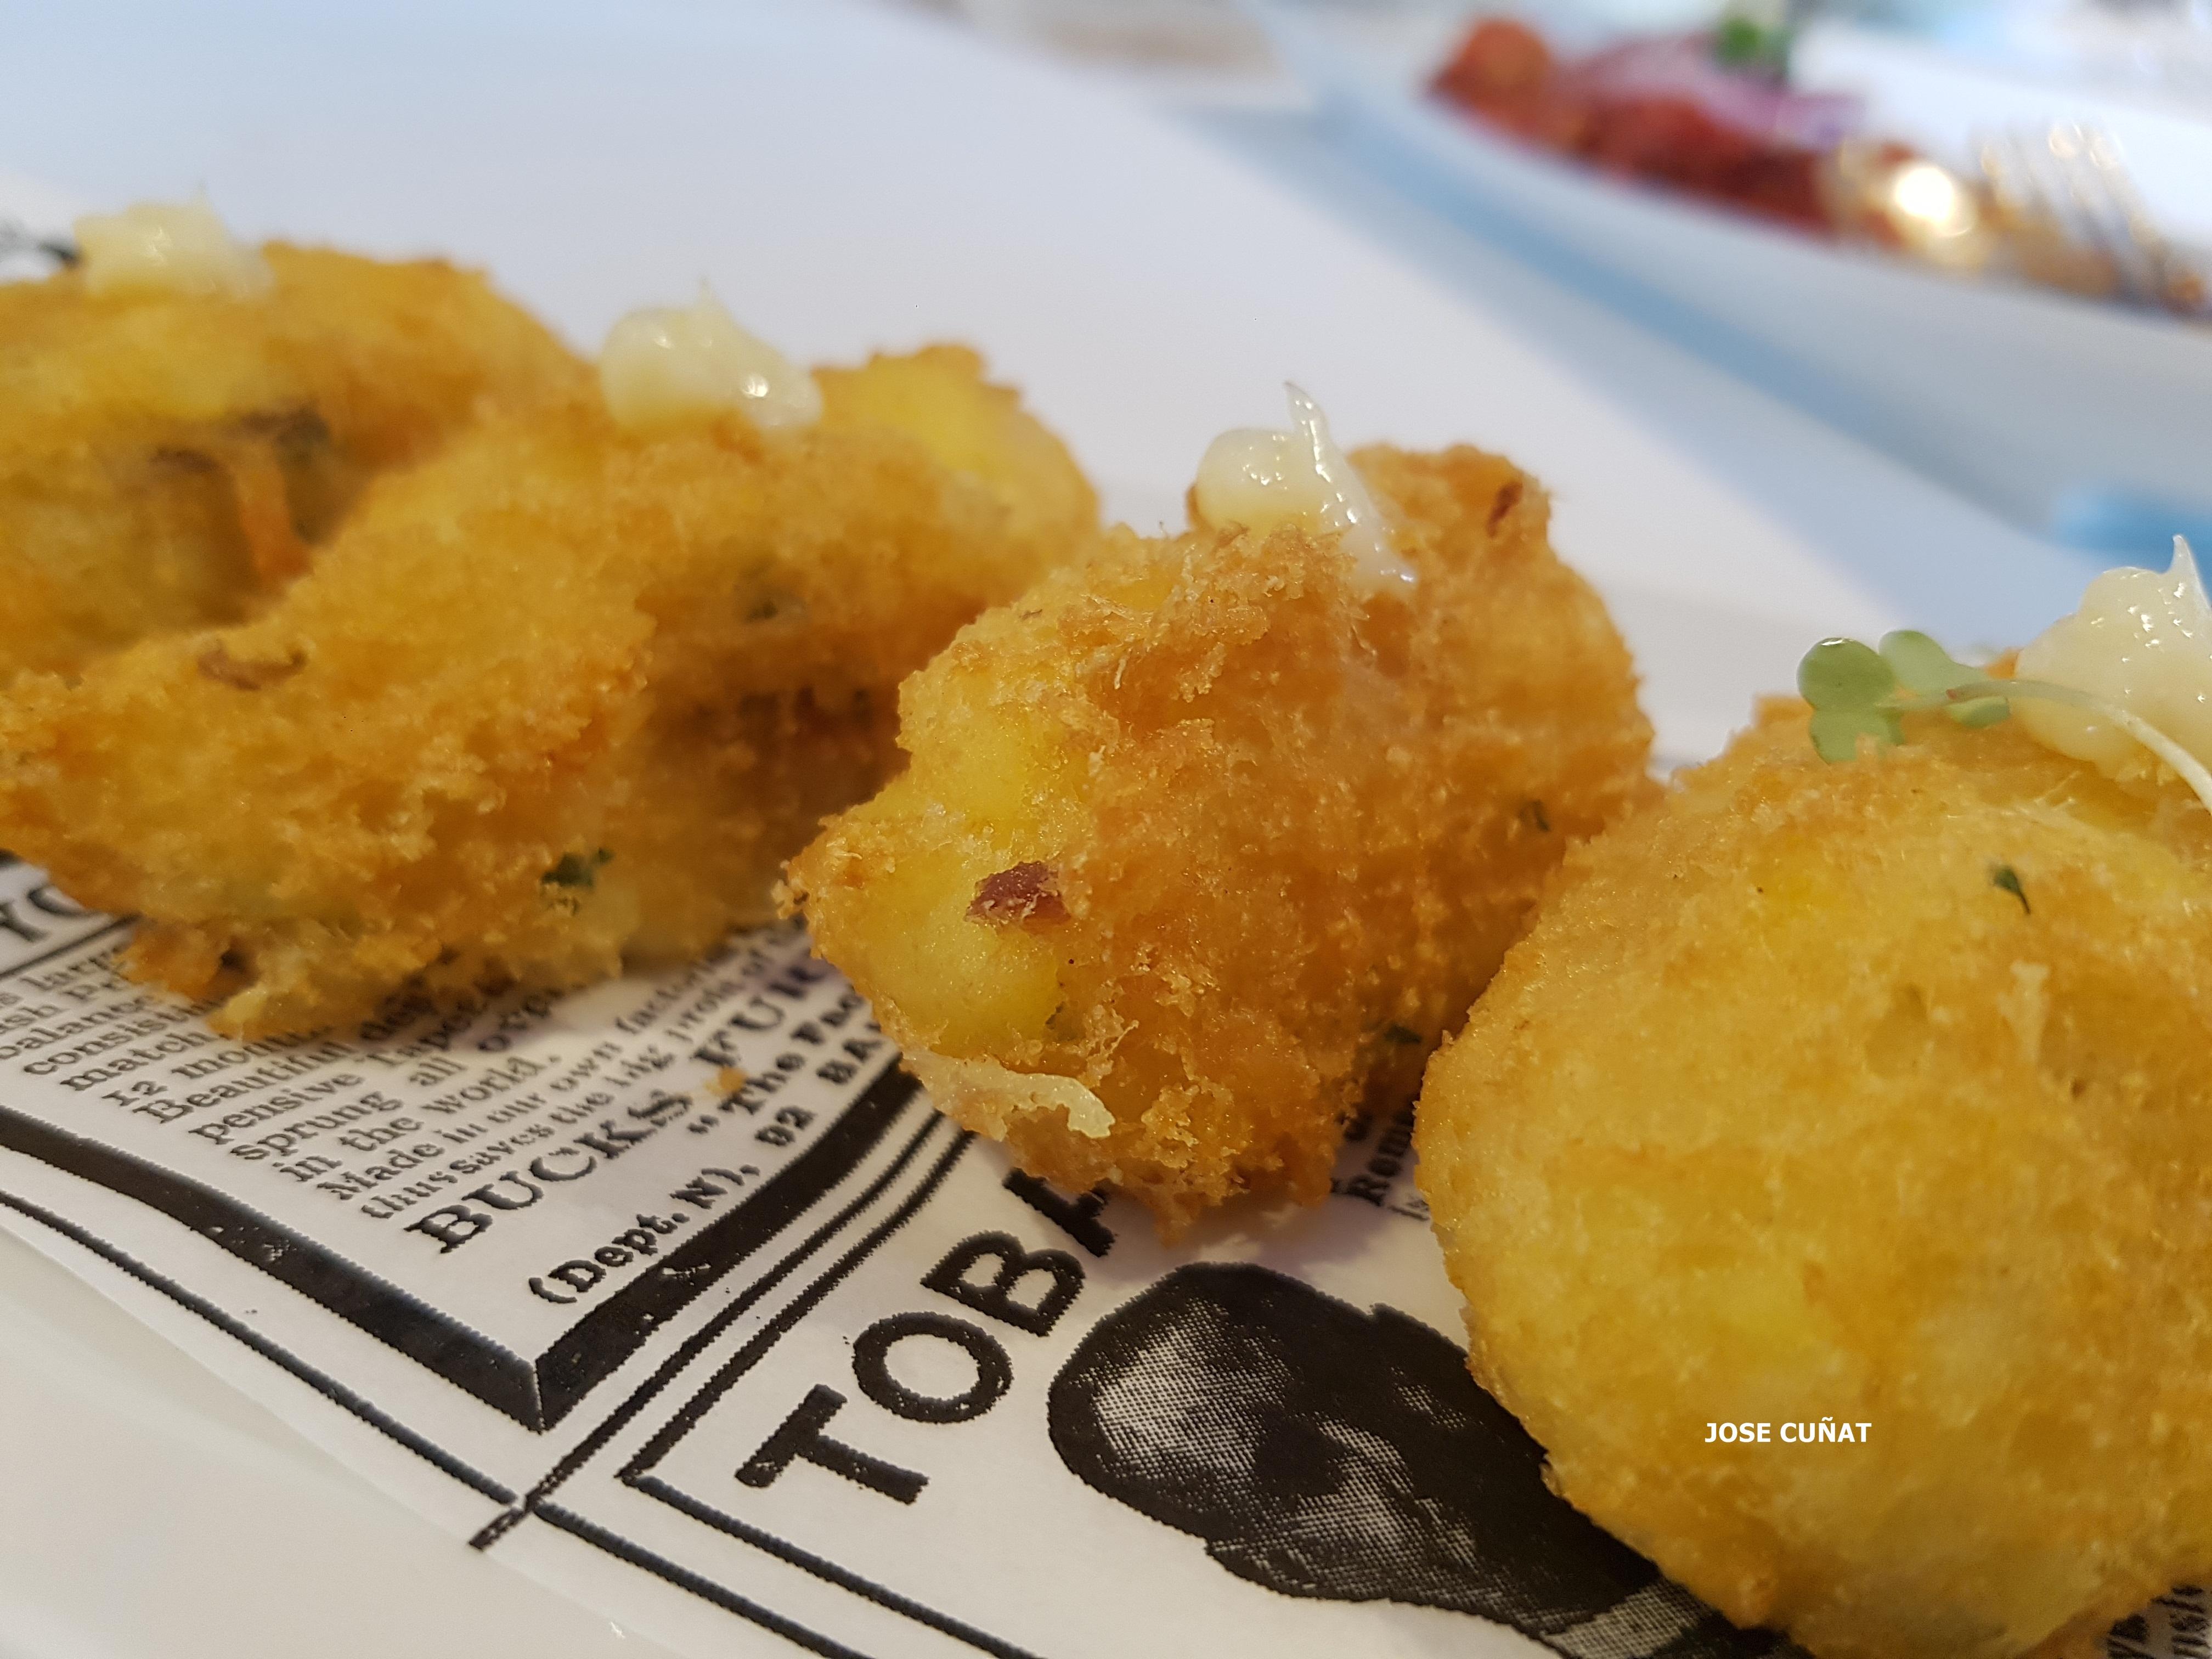 Buñuelos de bacalao con allioli de ajos asados